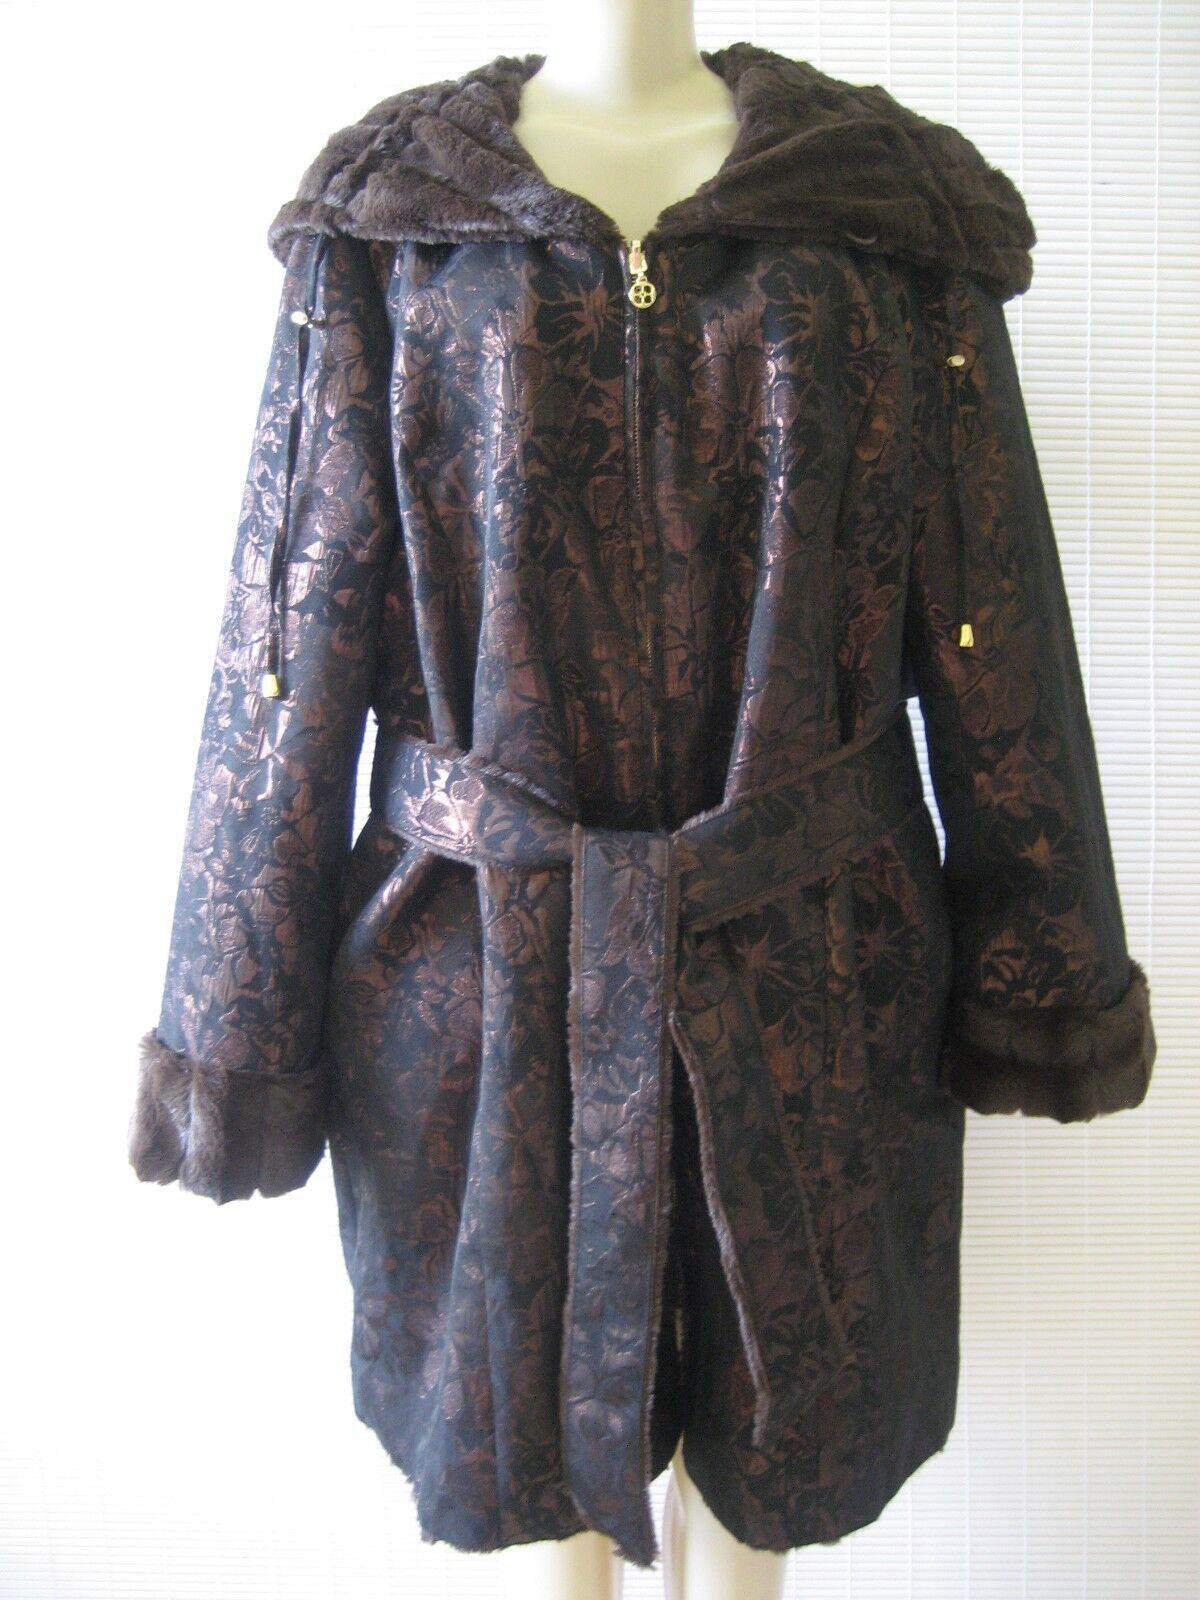 IMAN marrón & Capri  Brocade Reversible Abrigo De Piel Sintética con capucha Tamaño XL-Nuevo con etiquetas  precios bajos